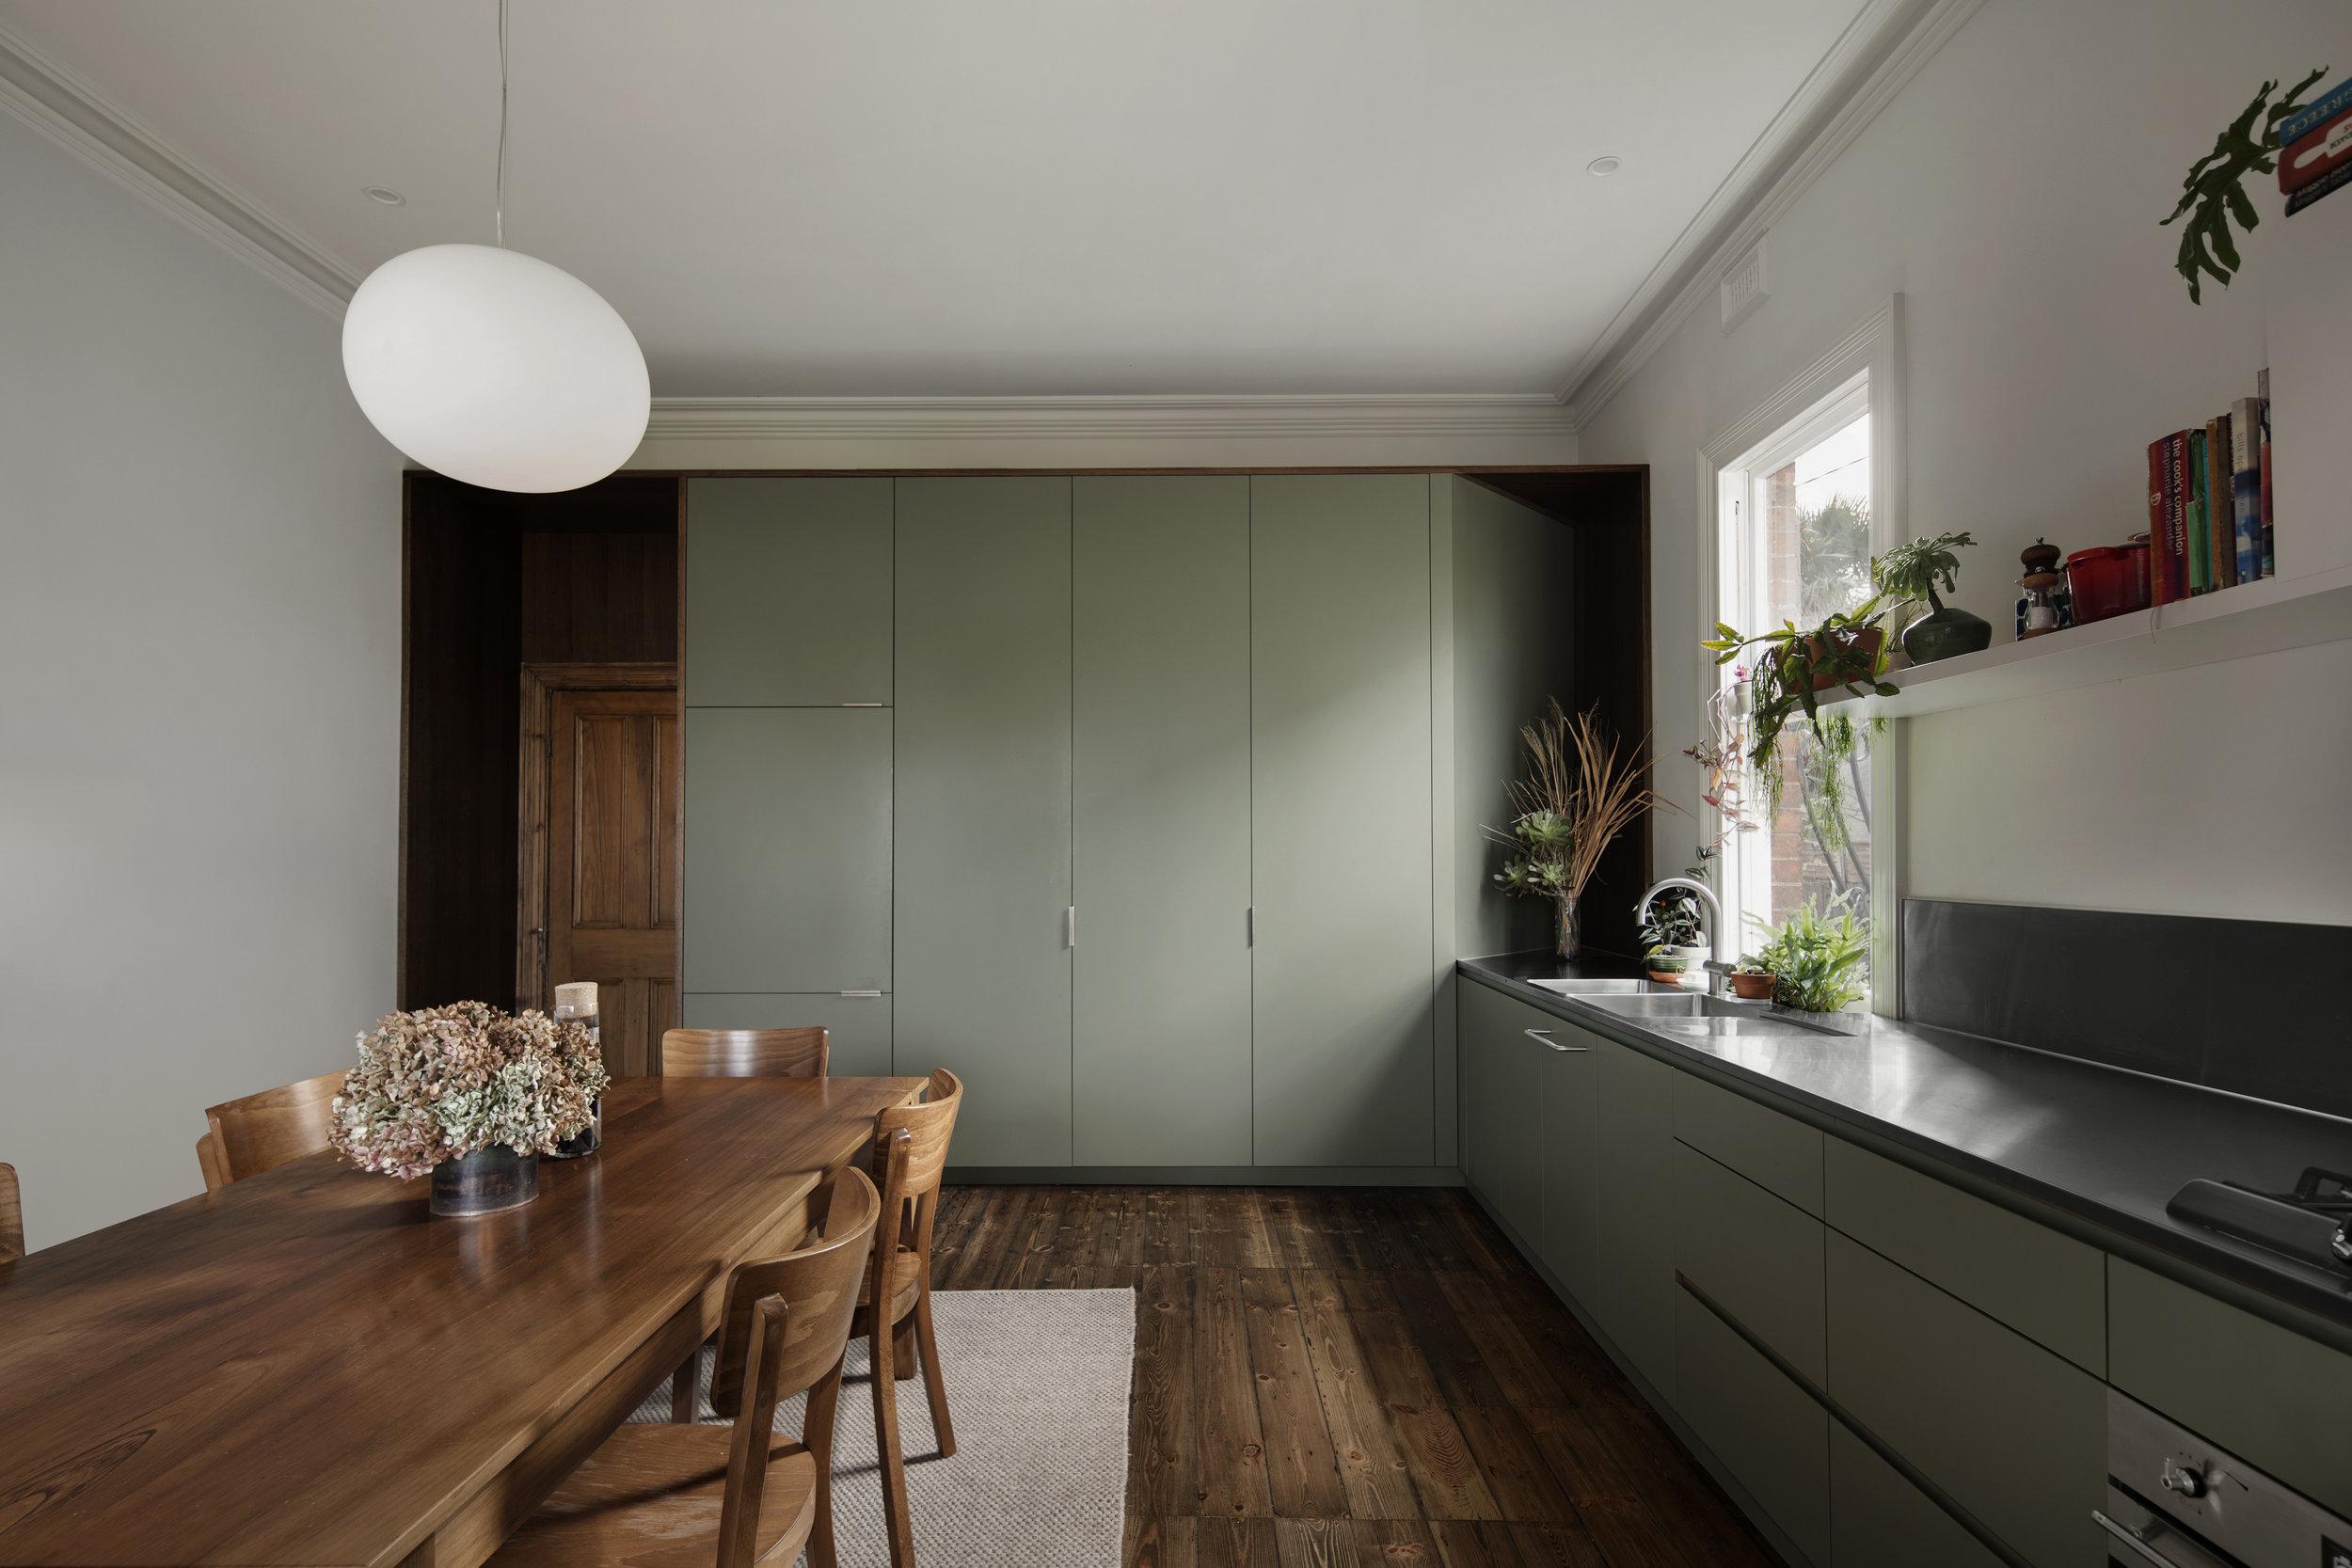 Falconer Street Residence | Sonelo Design Studio | Photo: Ben Hosking